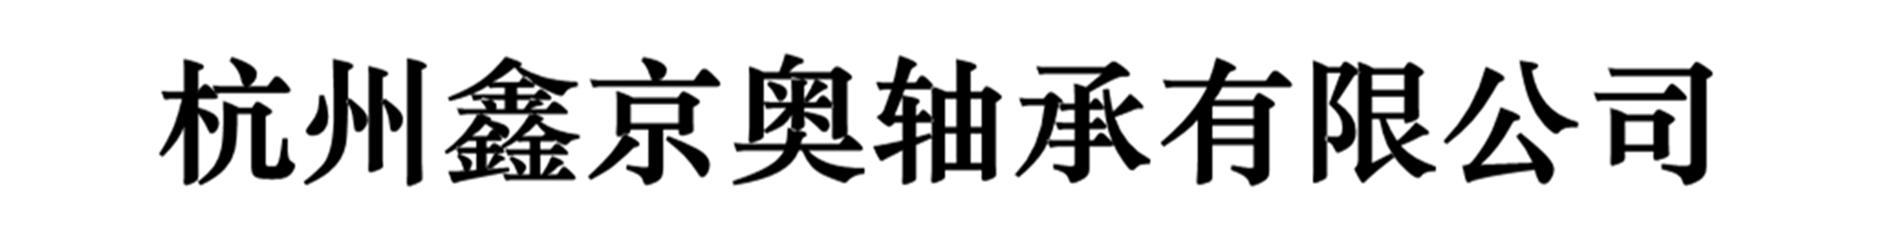 杭州鑫京奥轴承有限公司